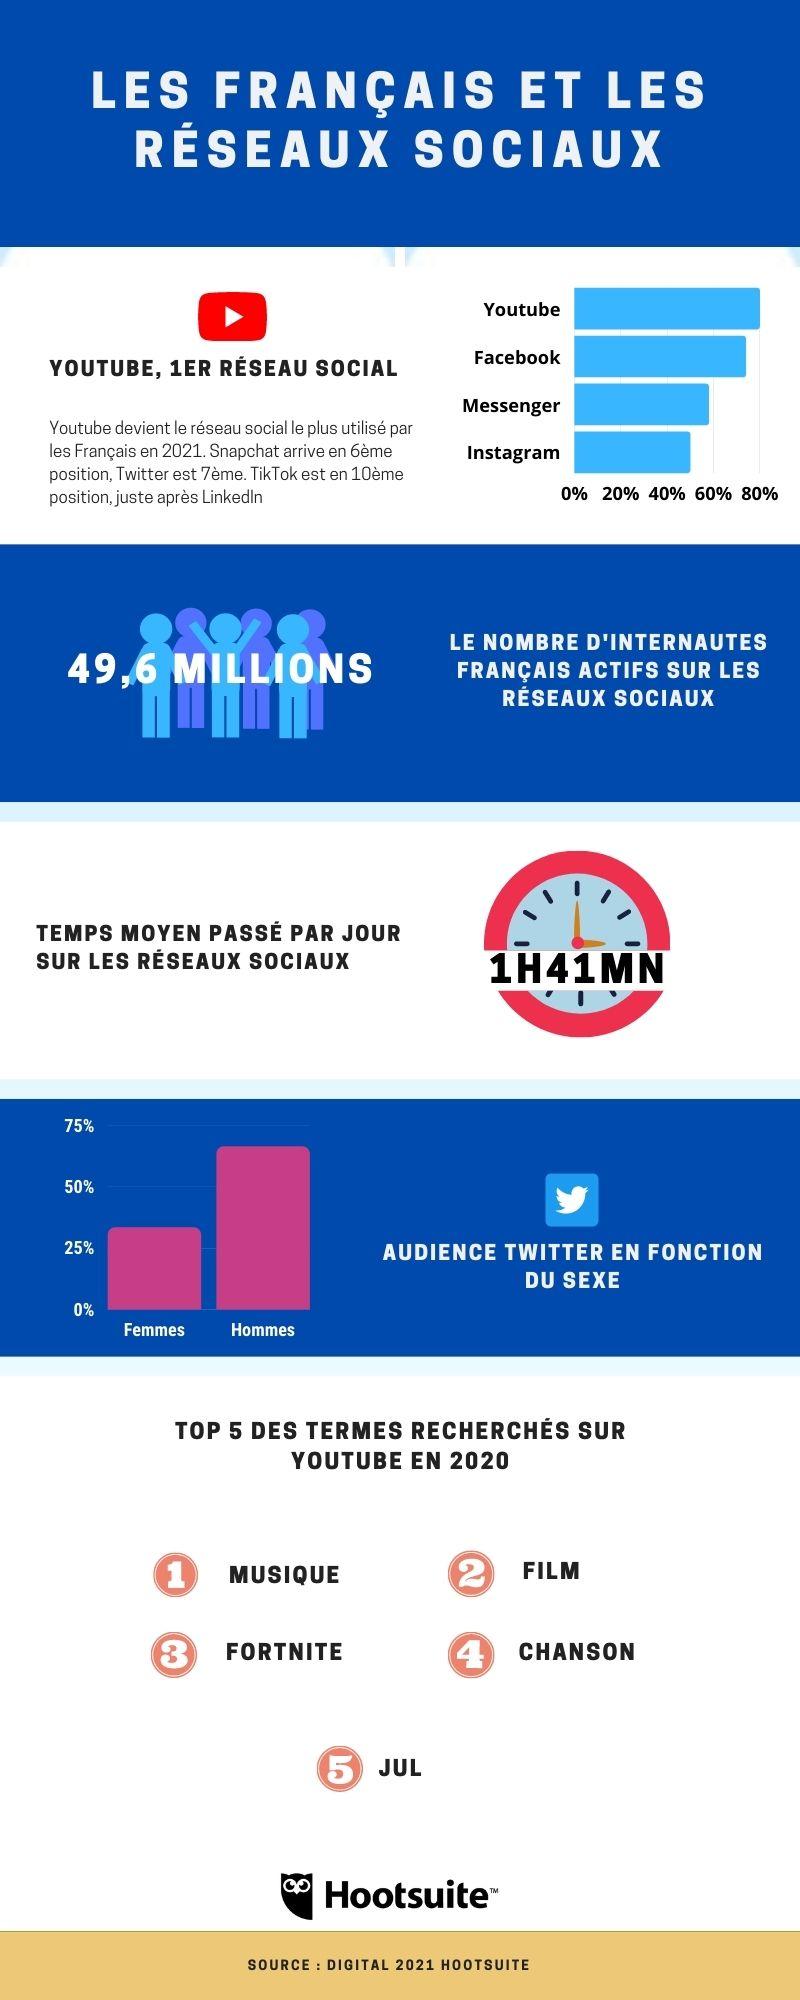 Infographie sur les usages digitaux des Français sur les réseaux sociaux